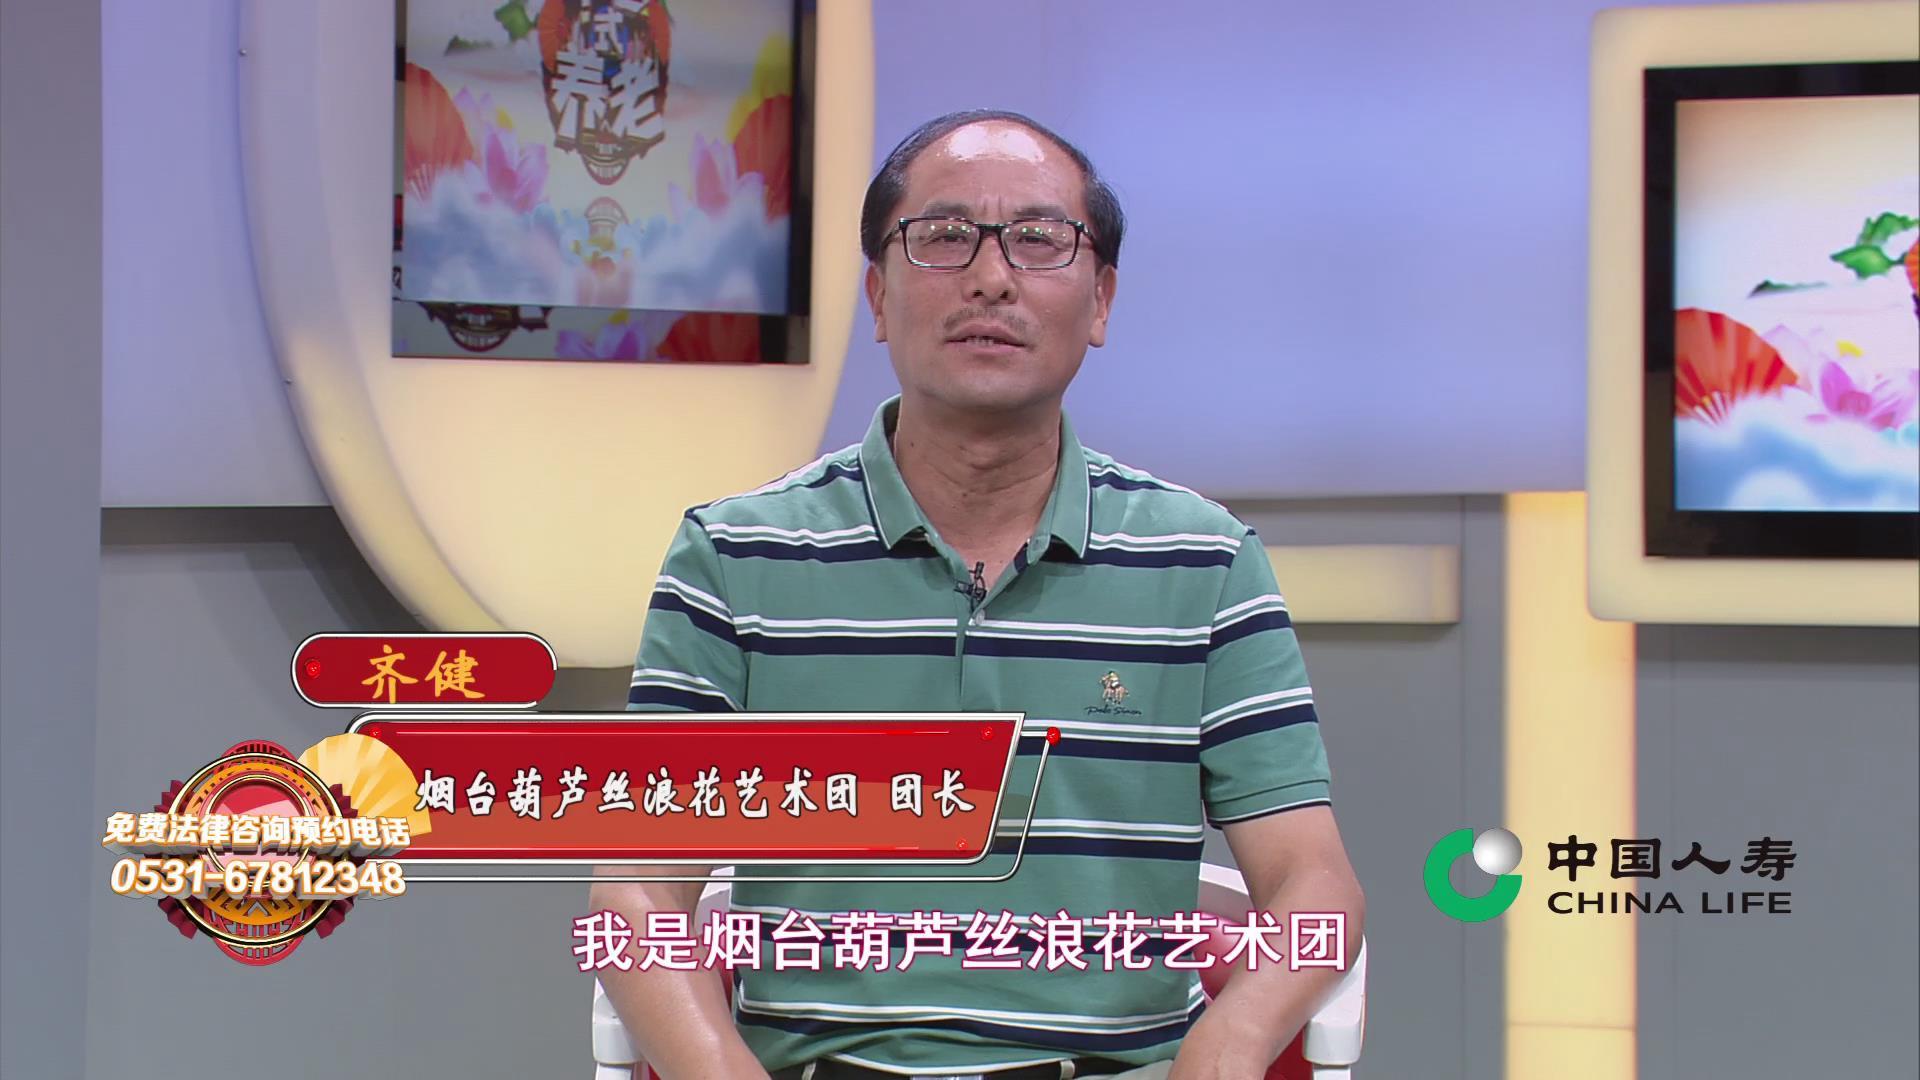 中国式养老-予人玫瑰手有余香 帮助他人 快乐自己